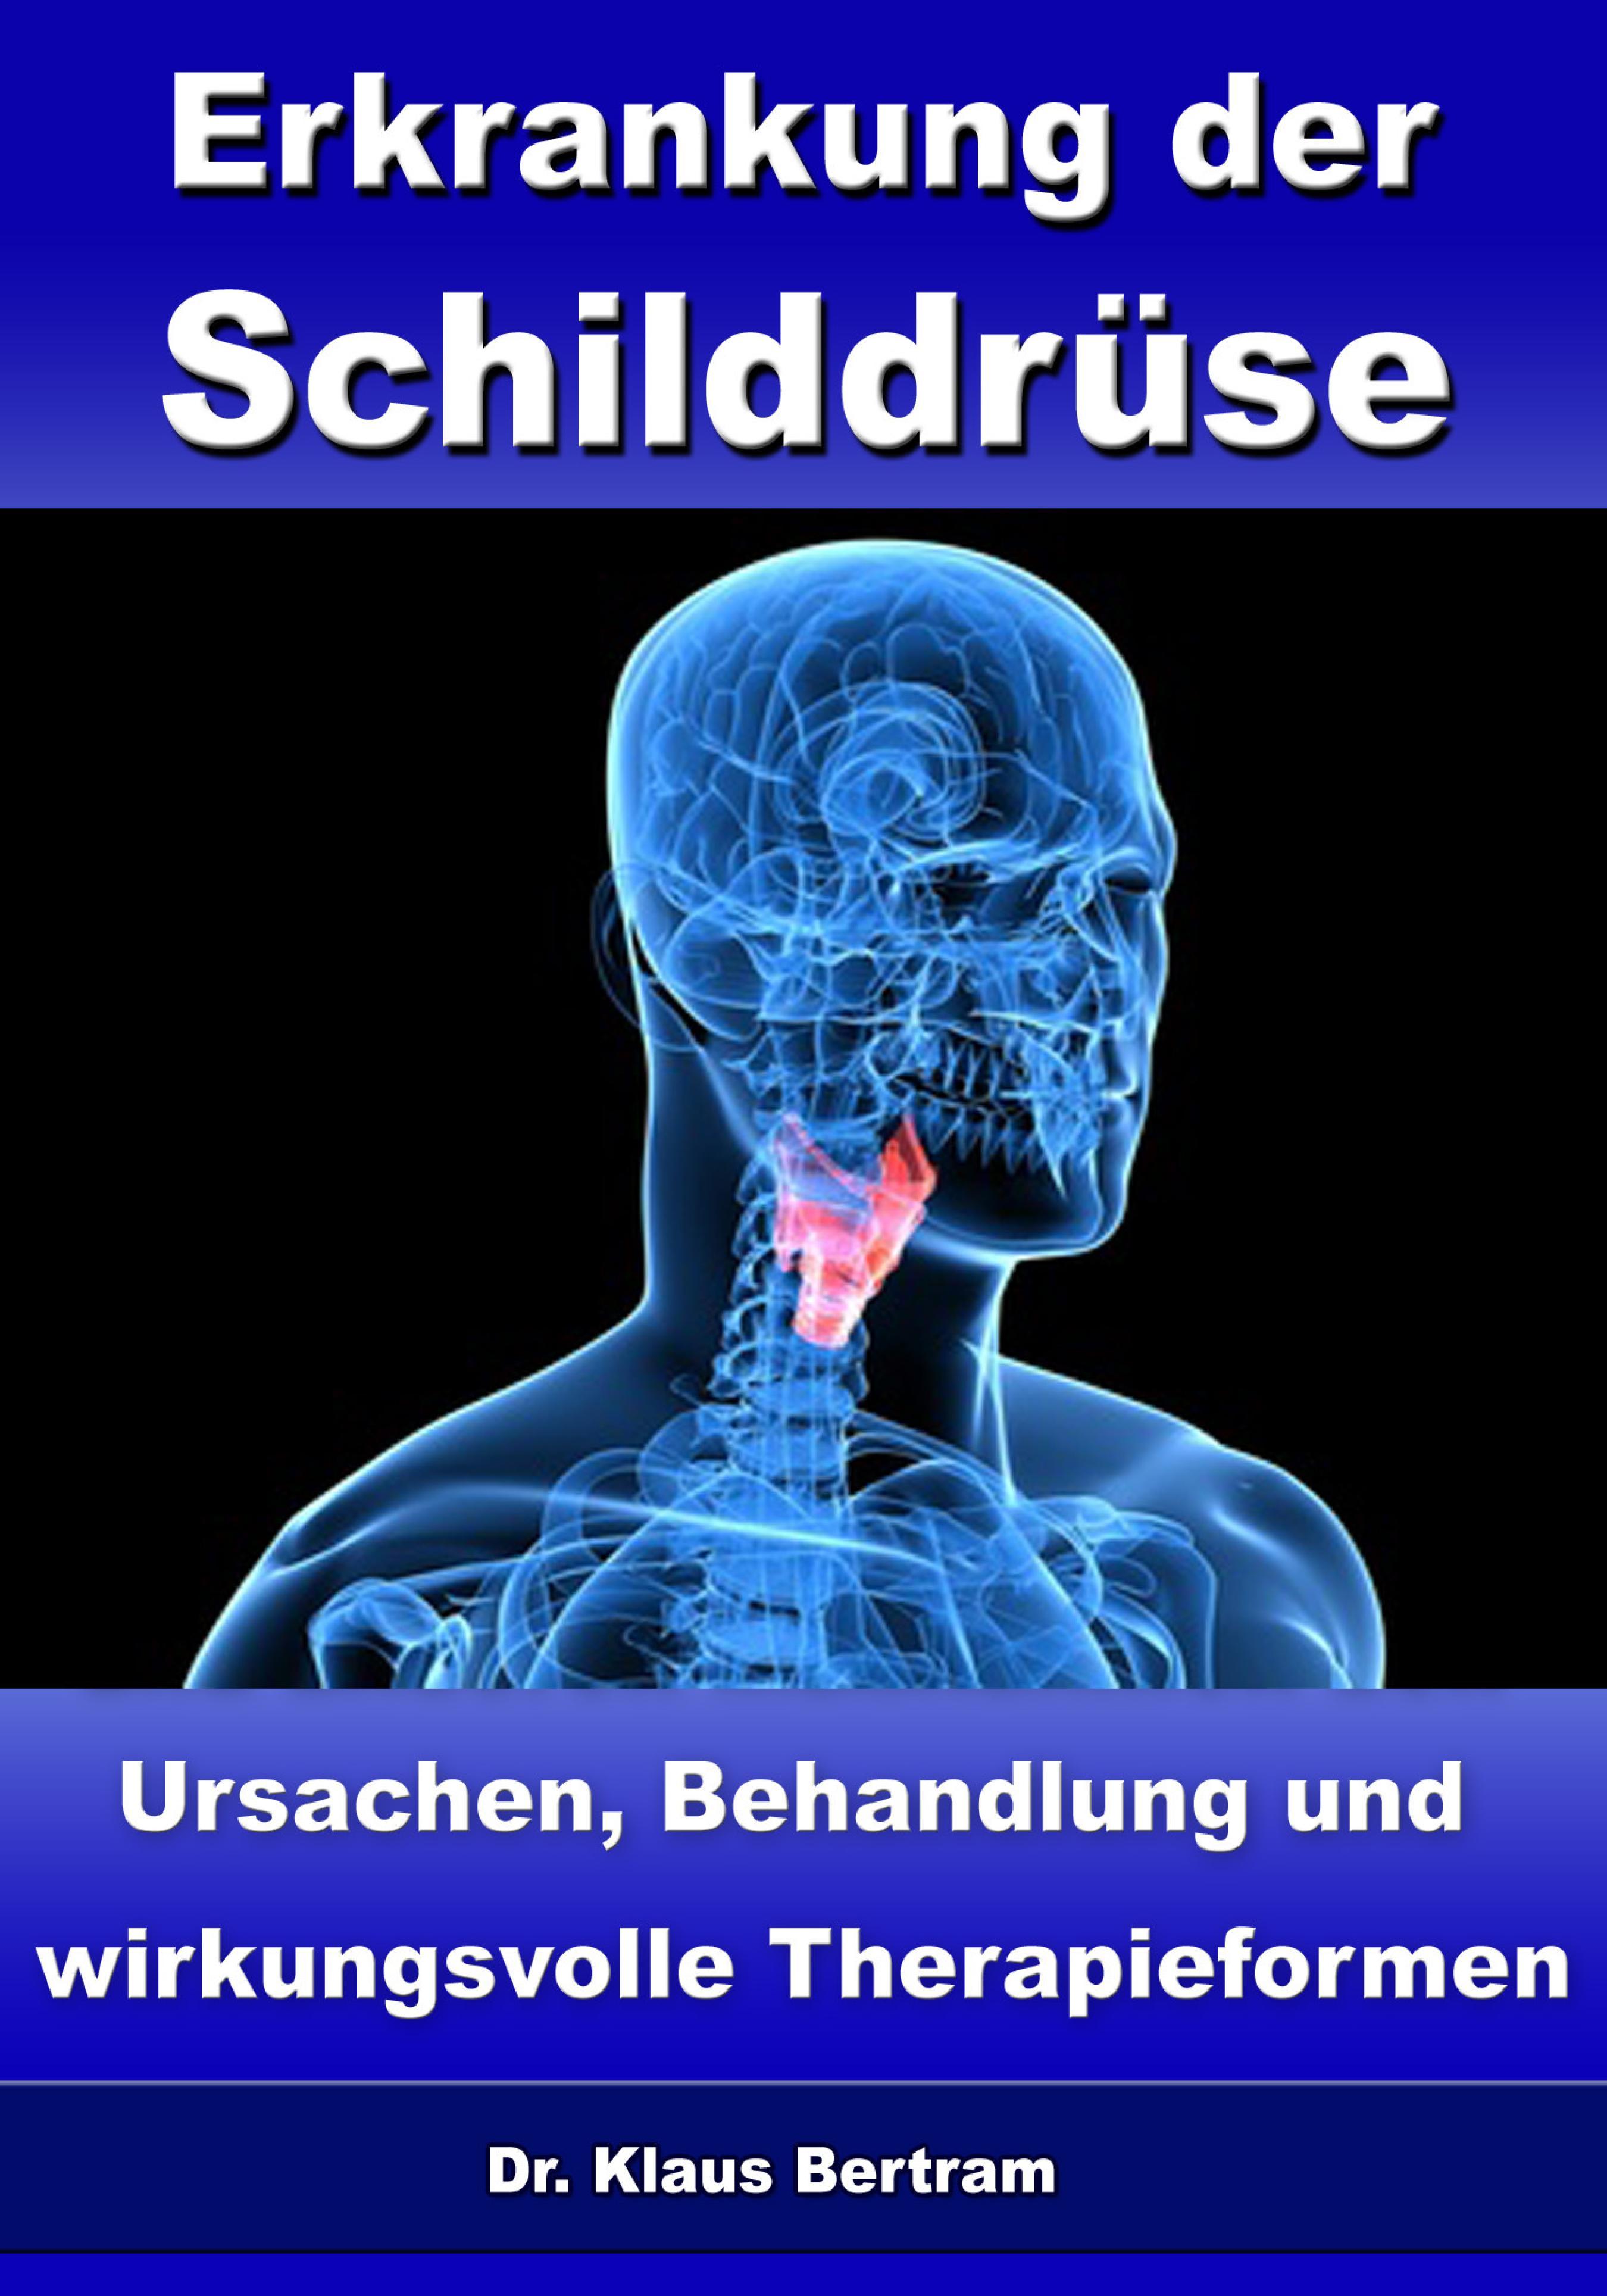 цены Dr. Klaus Bertram Erkrankung der Schilddrüse – Ursachen, Behandlung und wirkungsvolle Therapieformen